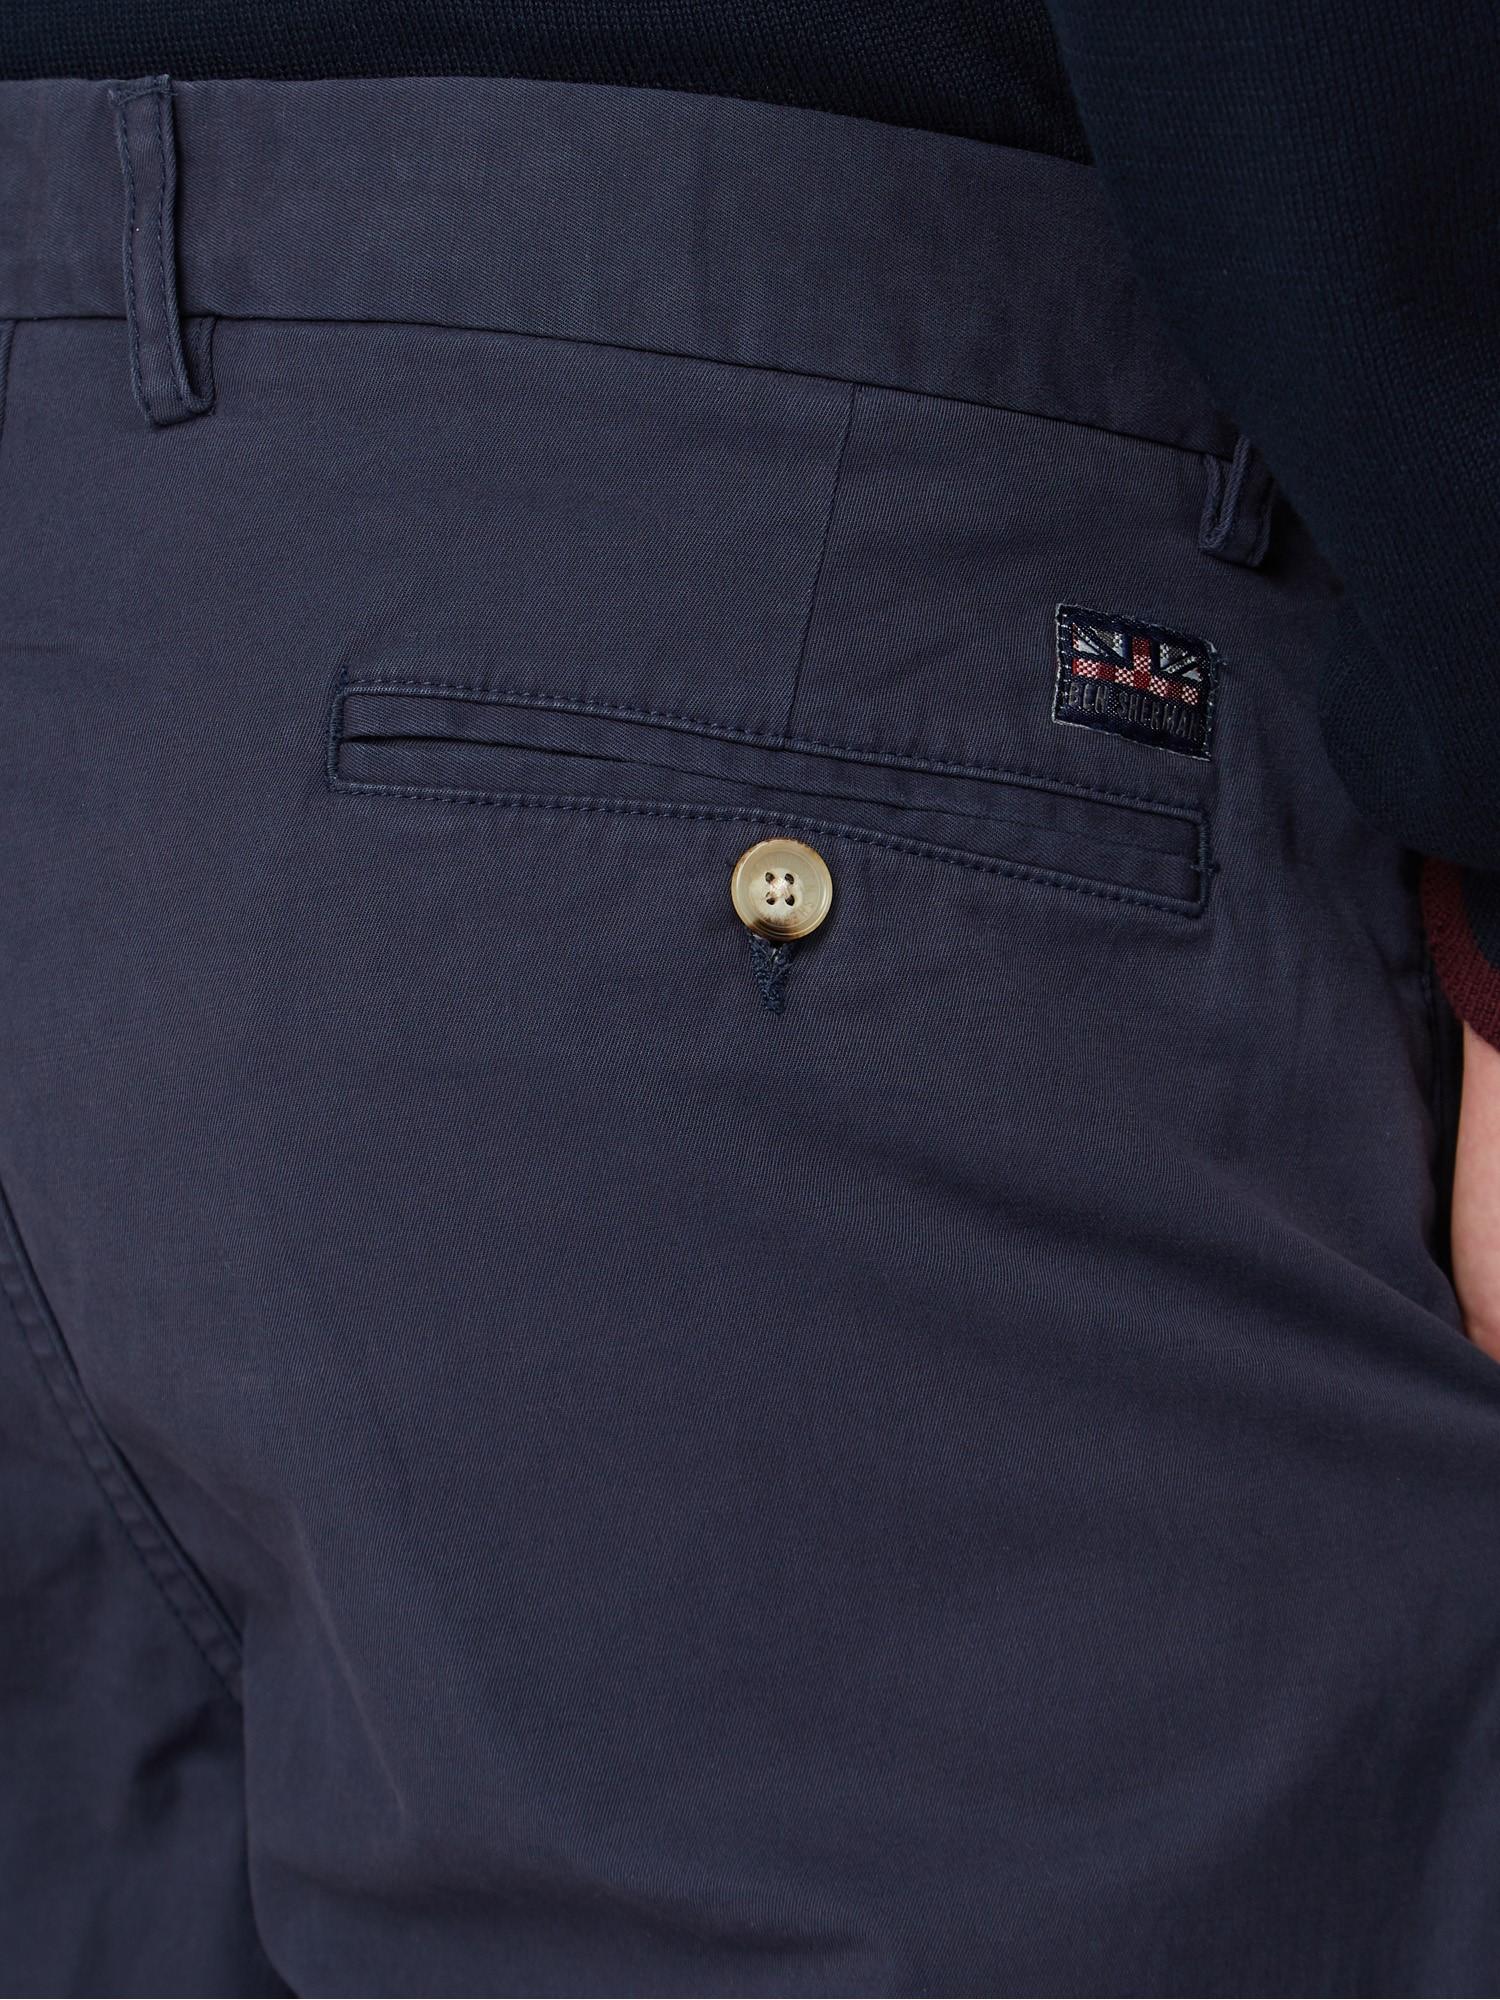 Dark Navy Slim Stretch Chino